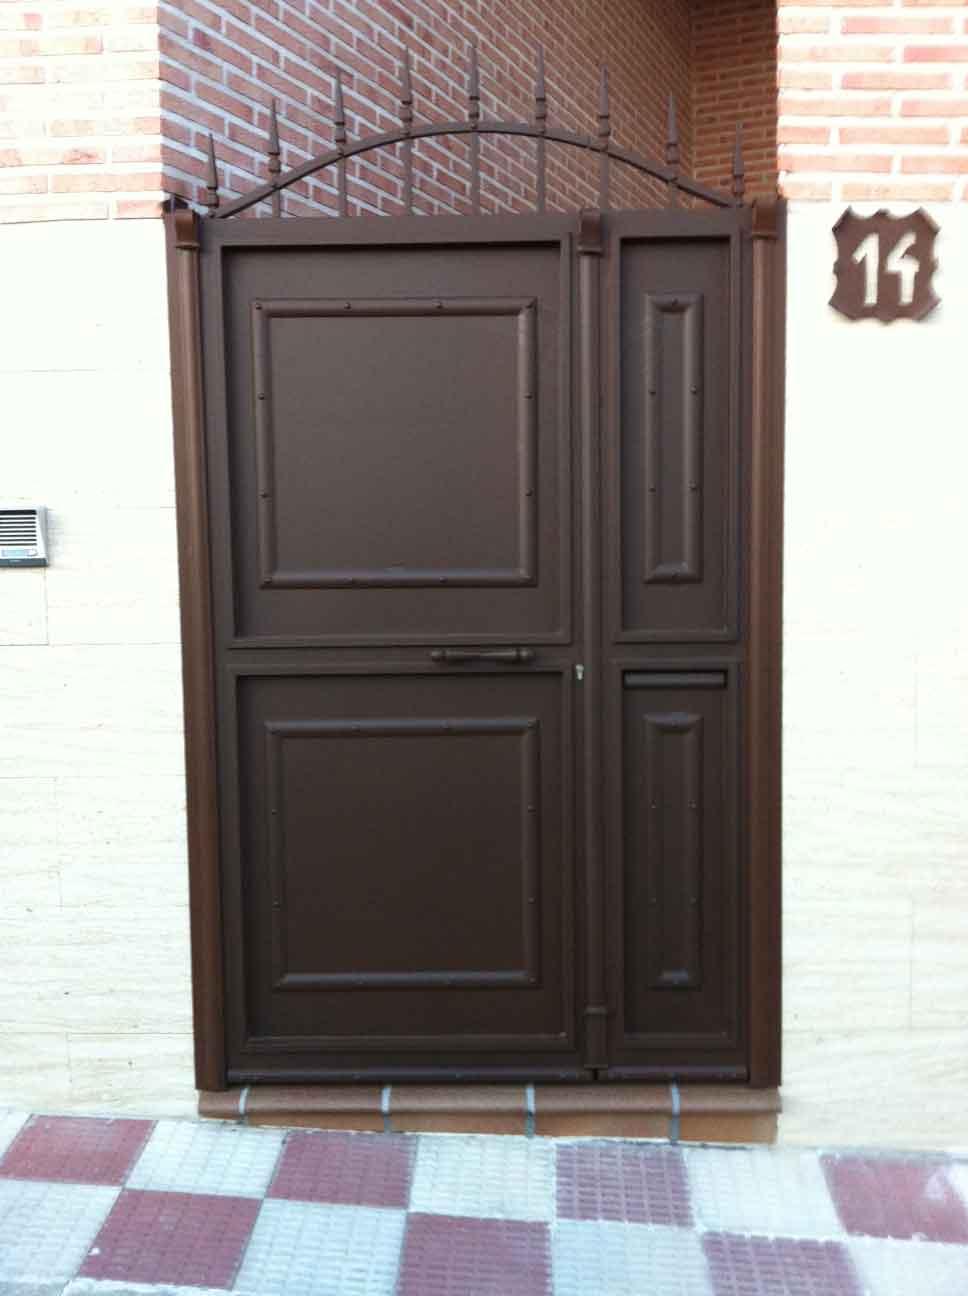 Puertas rusticas puerta peatonal rustica de chapa con for Puertas de aluminio rusticas